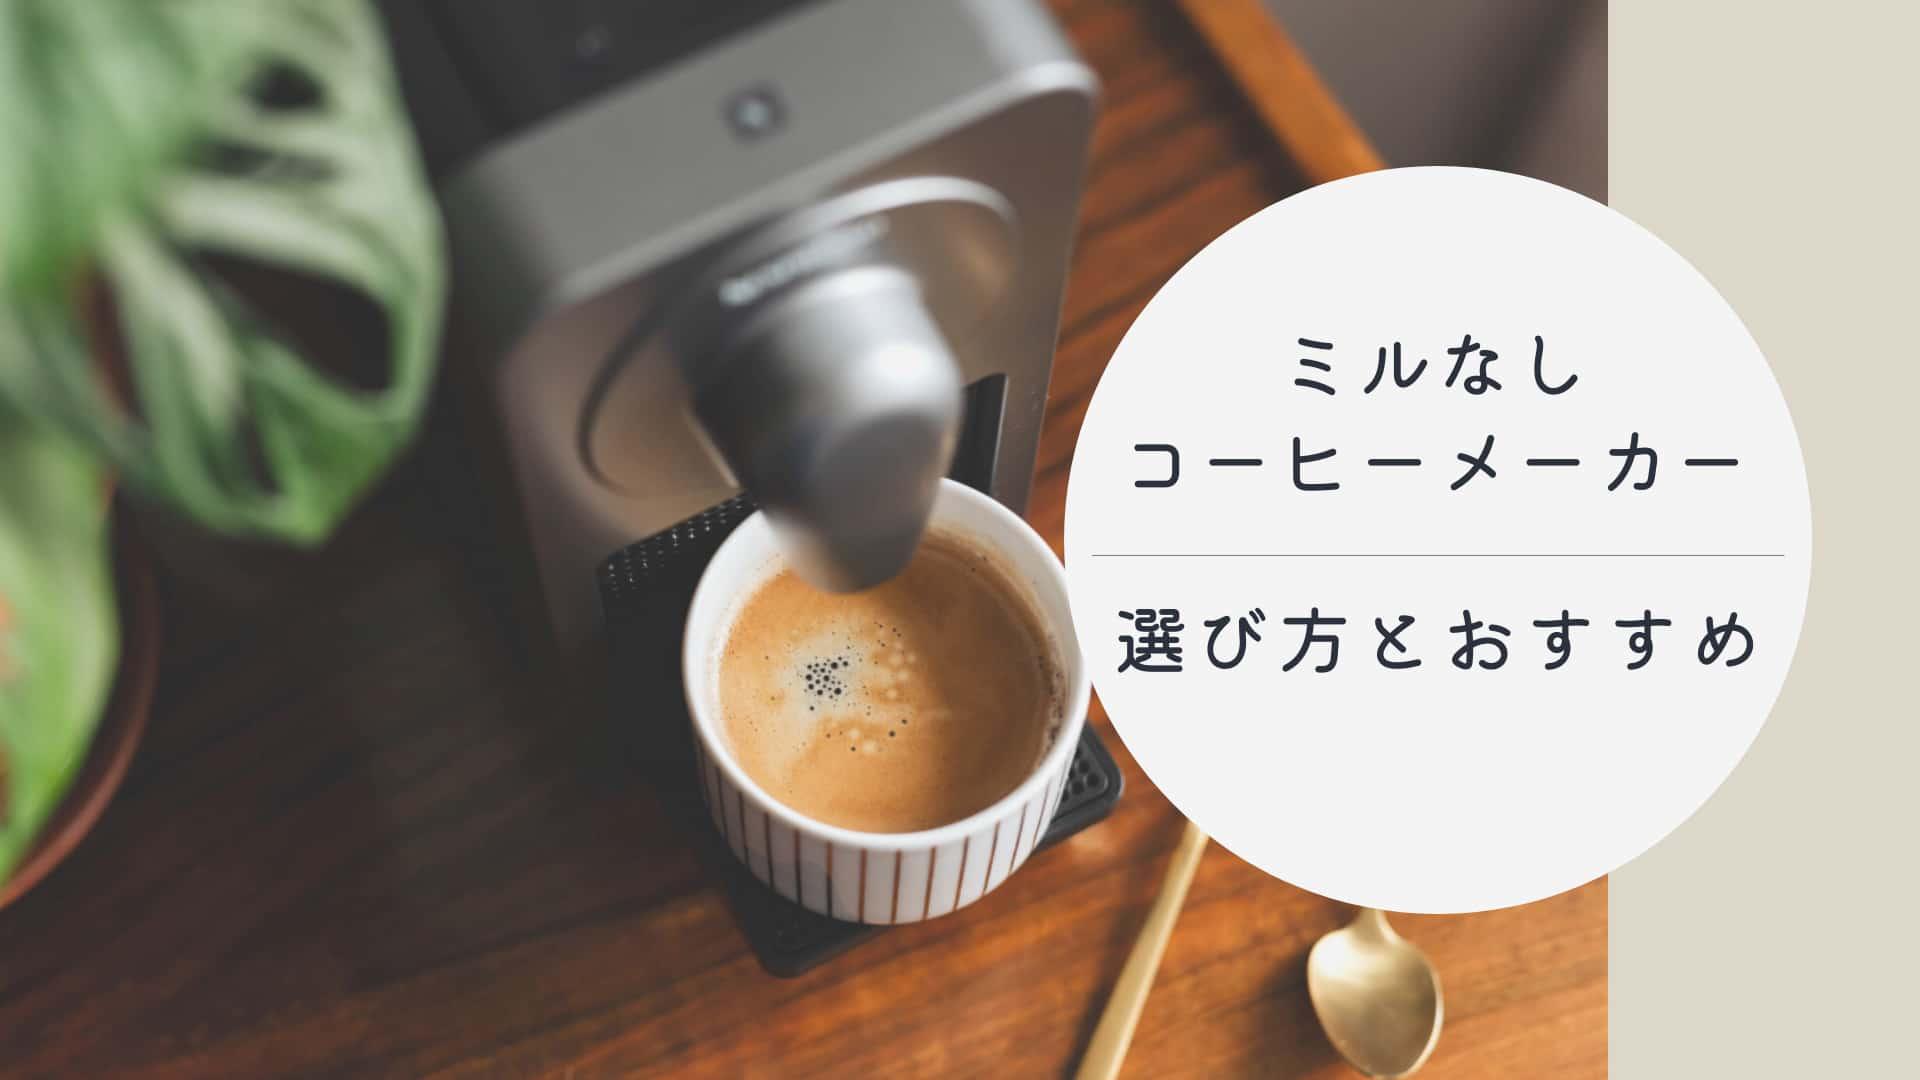 ミルなしコーヒーメーカー選び方